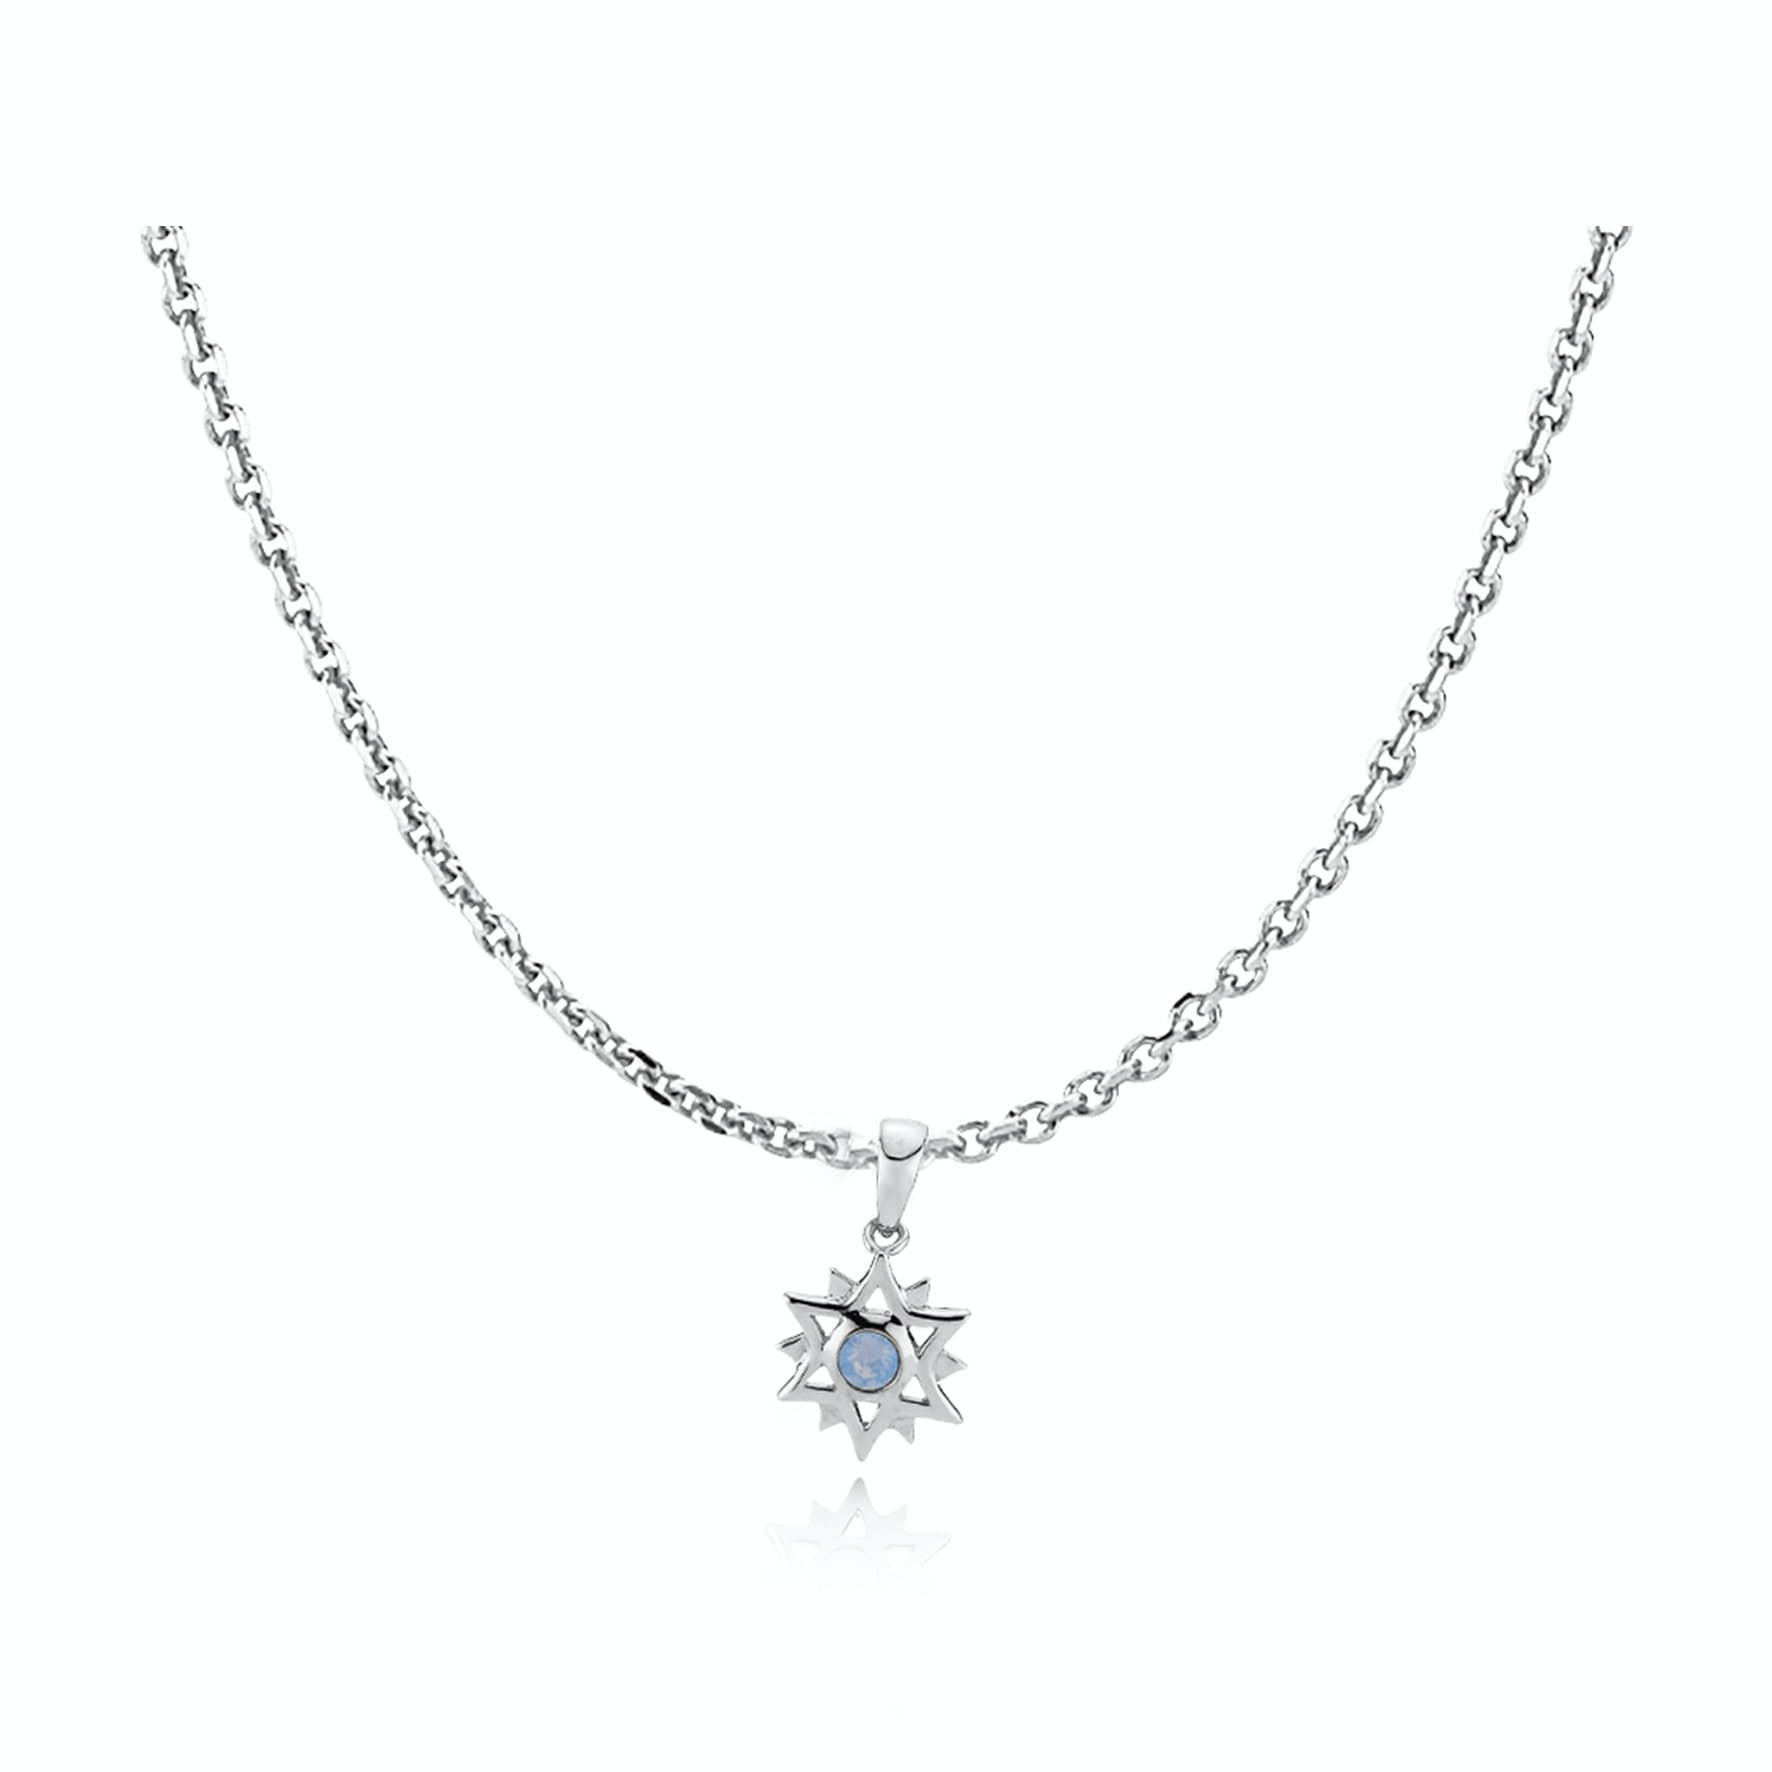 Olivia by Sistie Pendant Necklace fra Sistie i Sølv Sterling 925